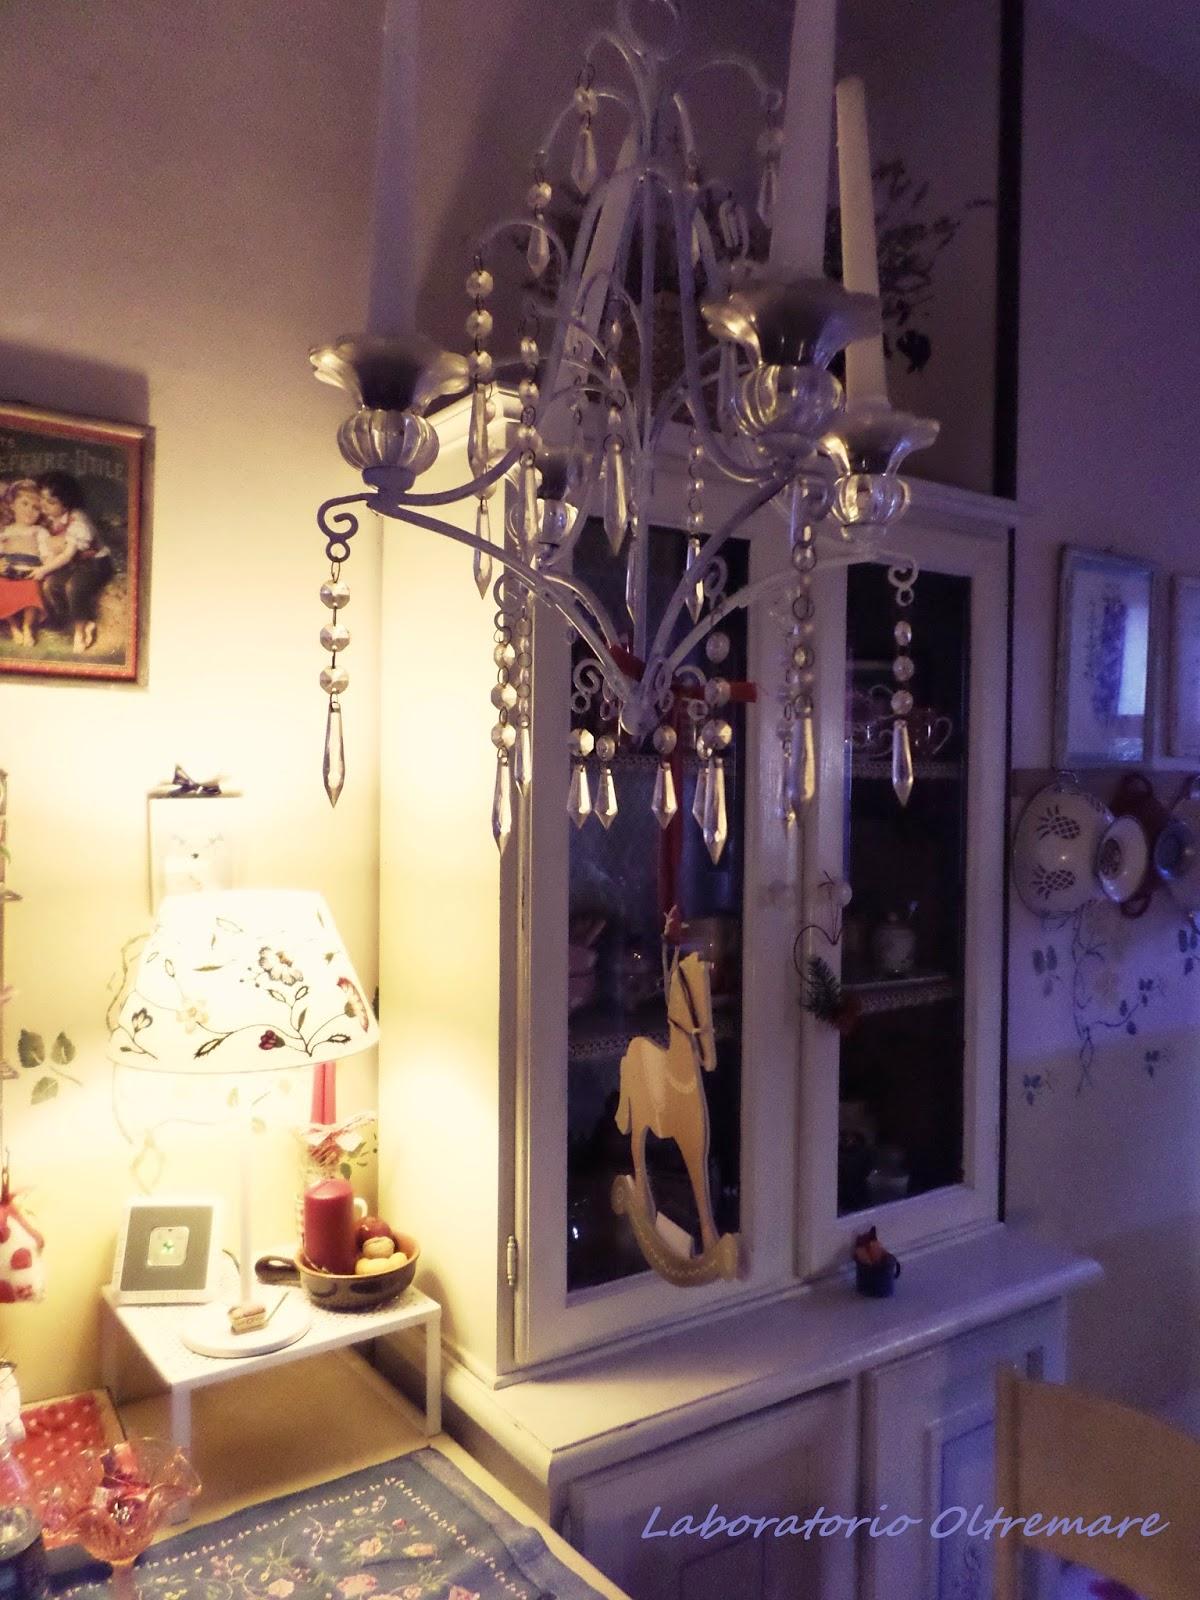 Laboratorio Oltremare  La Maison Romantique di Emanuela ovvero la casa di mia mamma